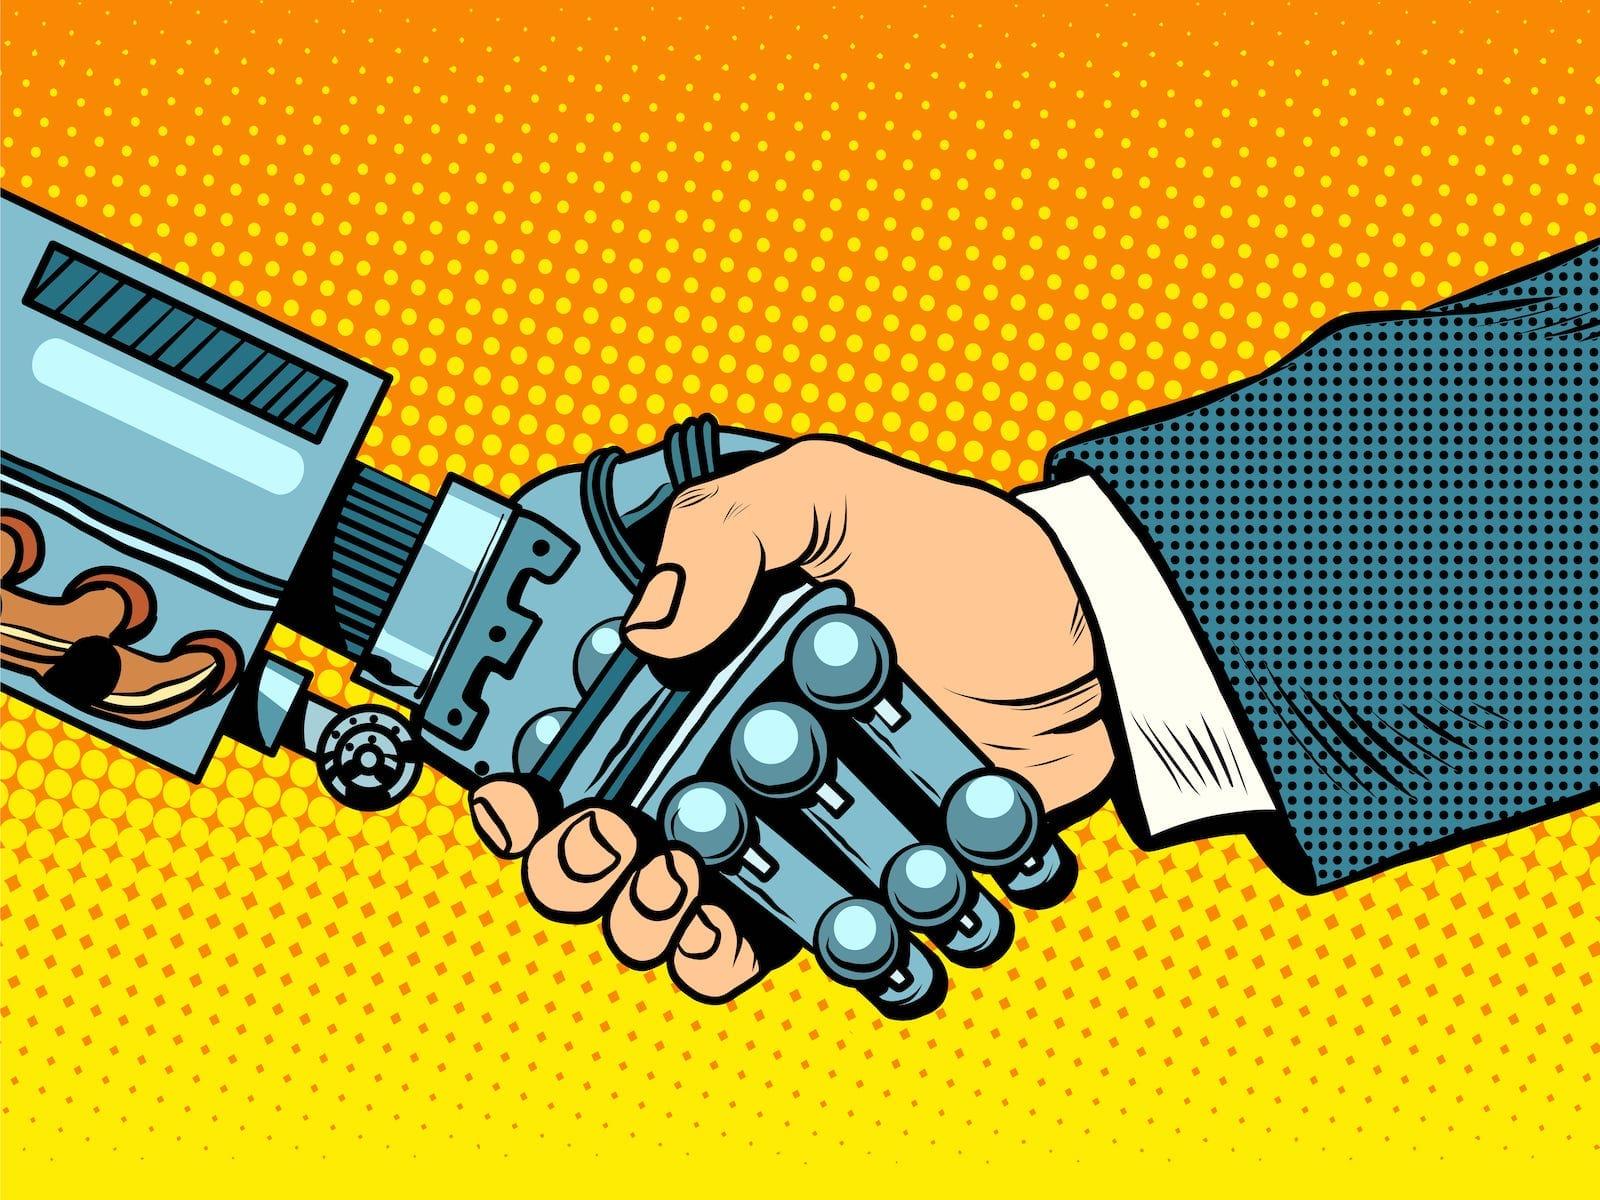 Ein Mensch und ein Roboter reichen sich die Hand.